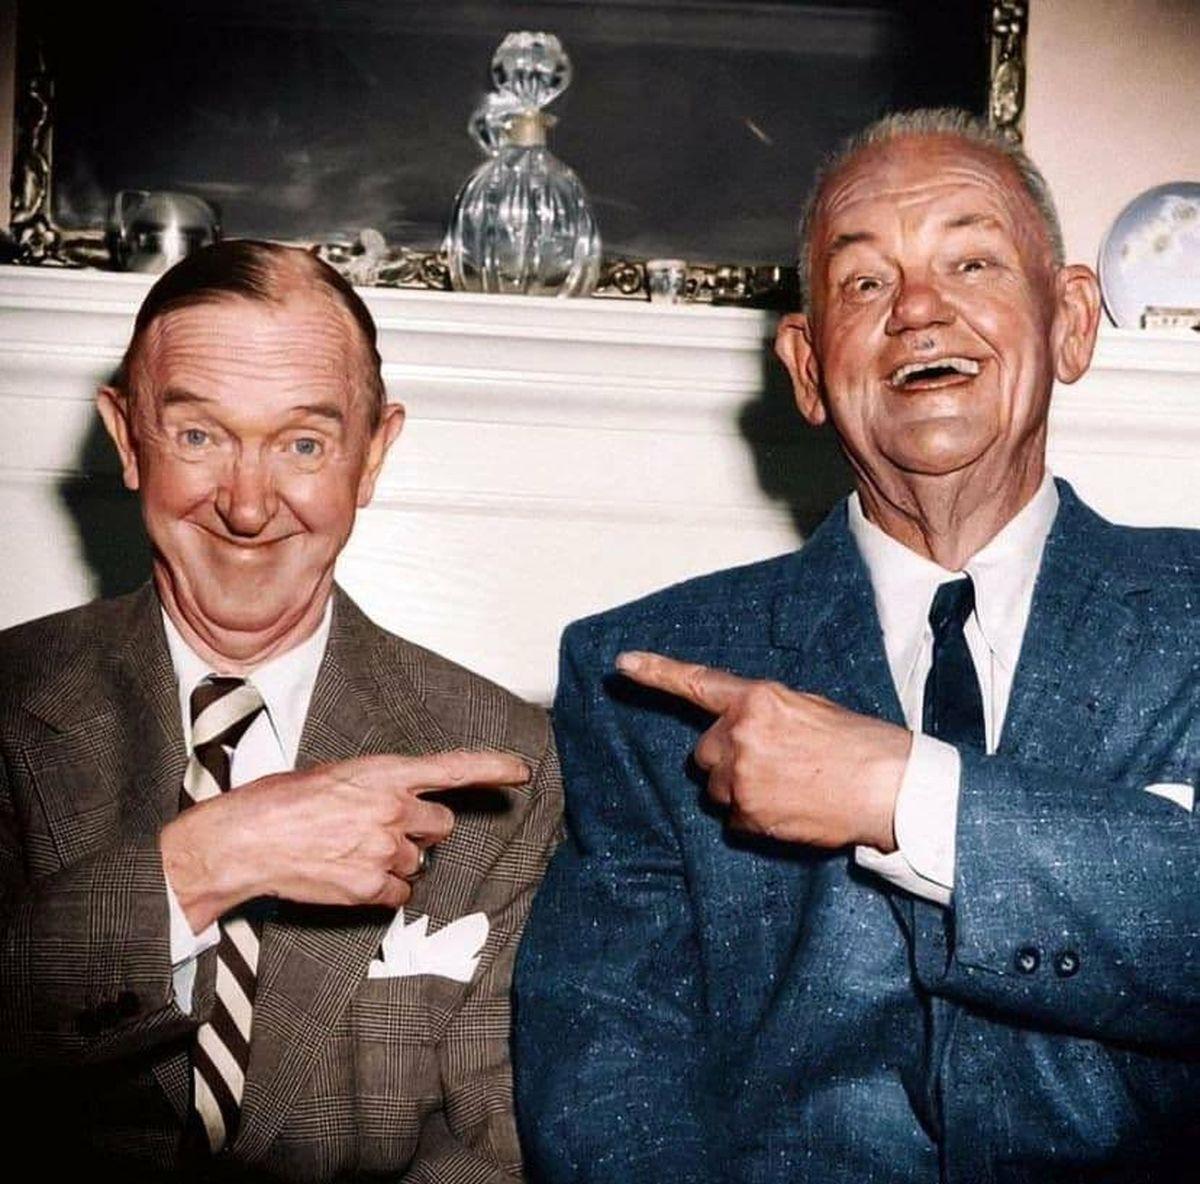 آخرین عکس رنگی لورل و هاردی